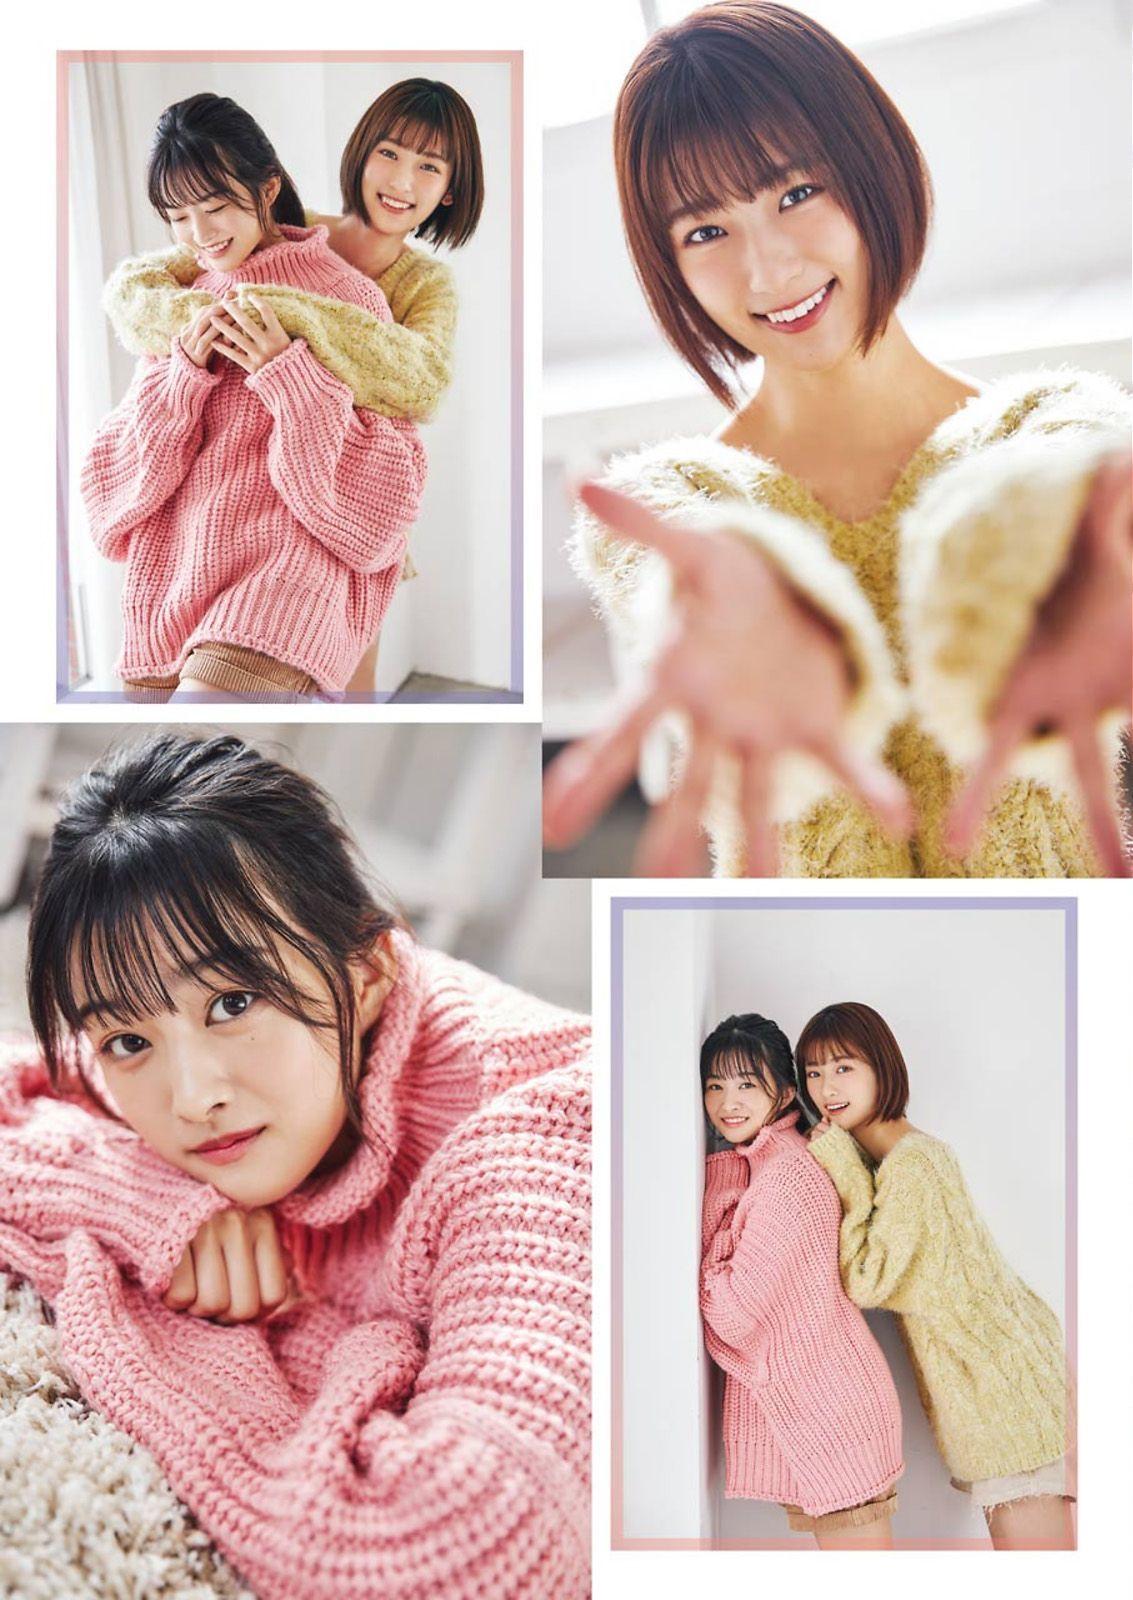 樱坂46 Young Gngan 09_2